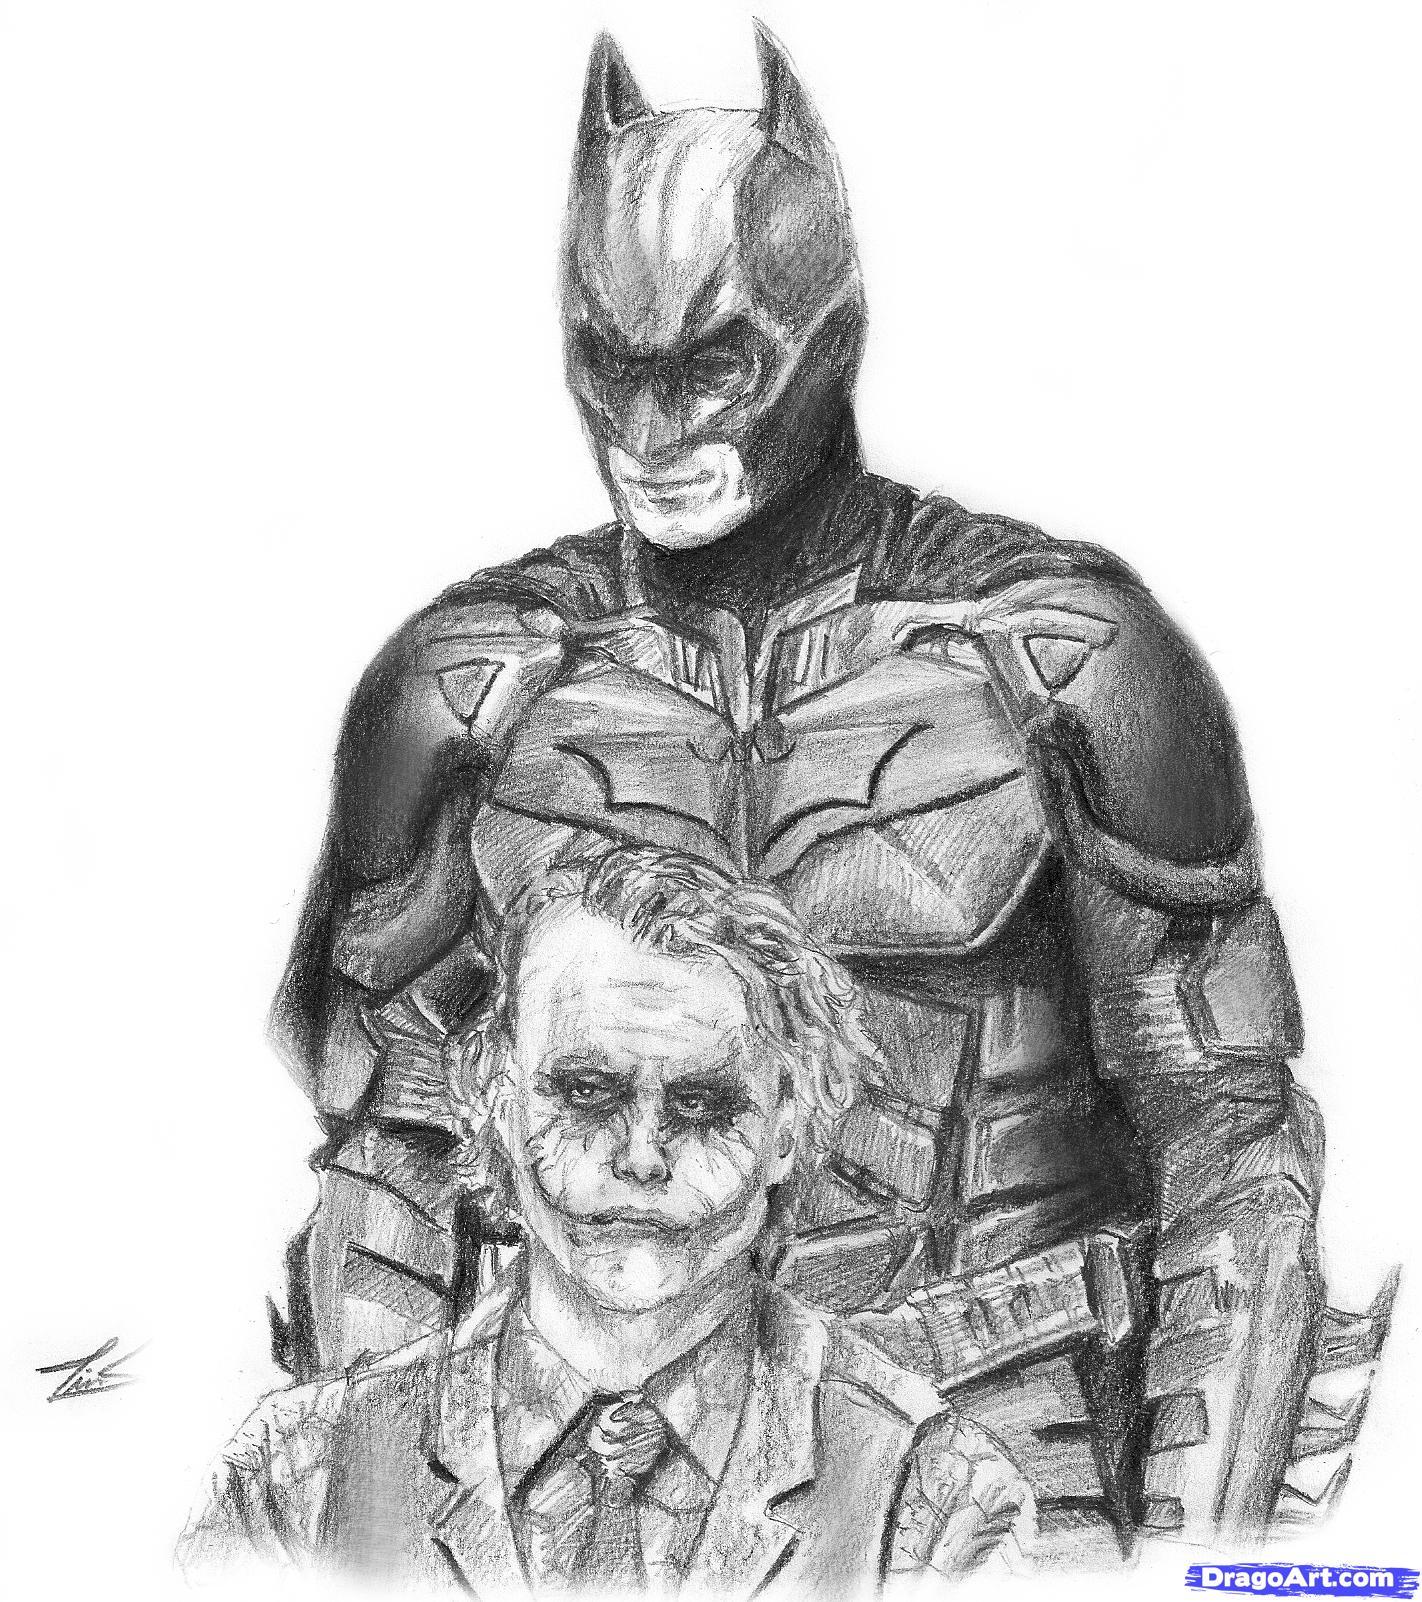 Drawn batman batman dark knight Movies Pop the to Draw